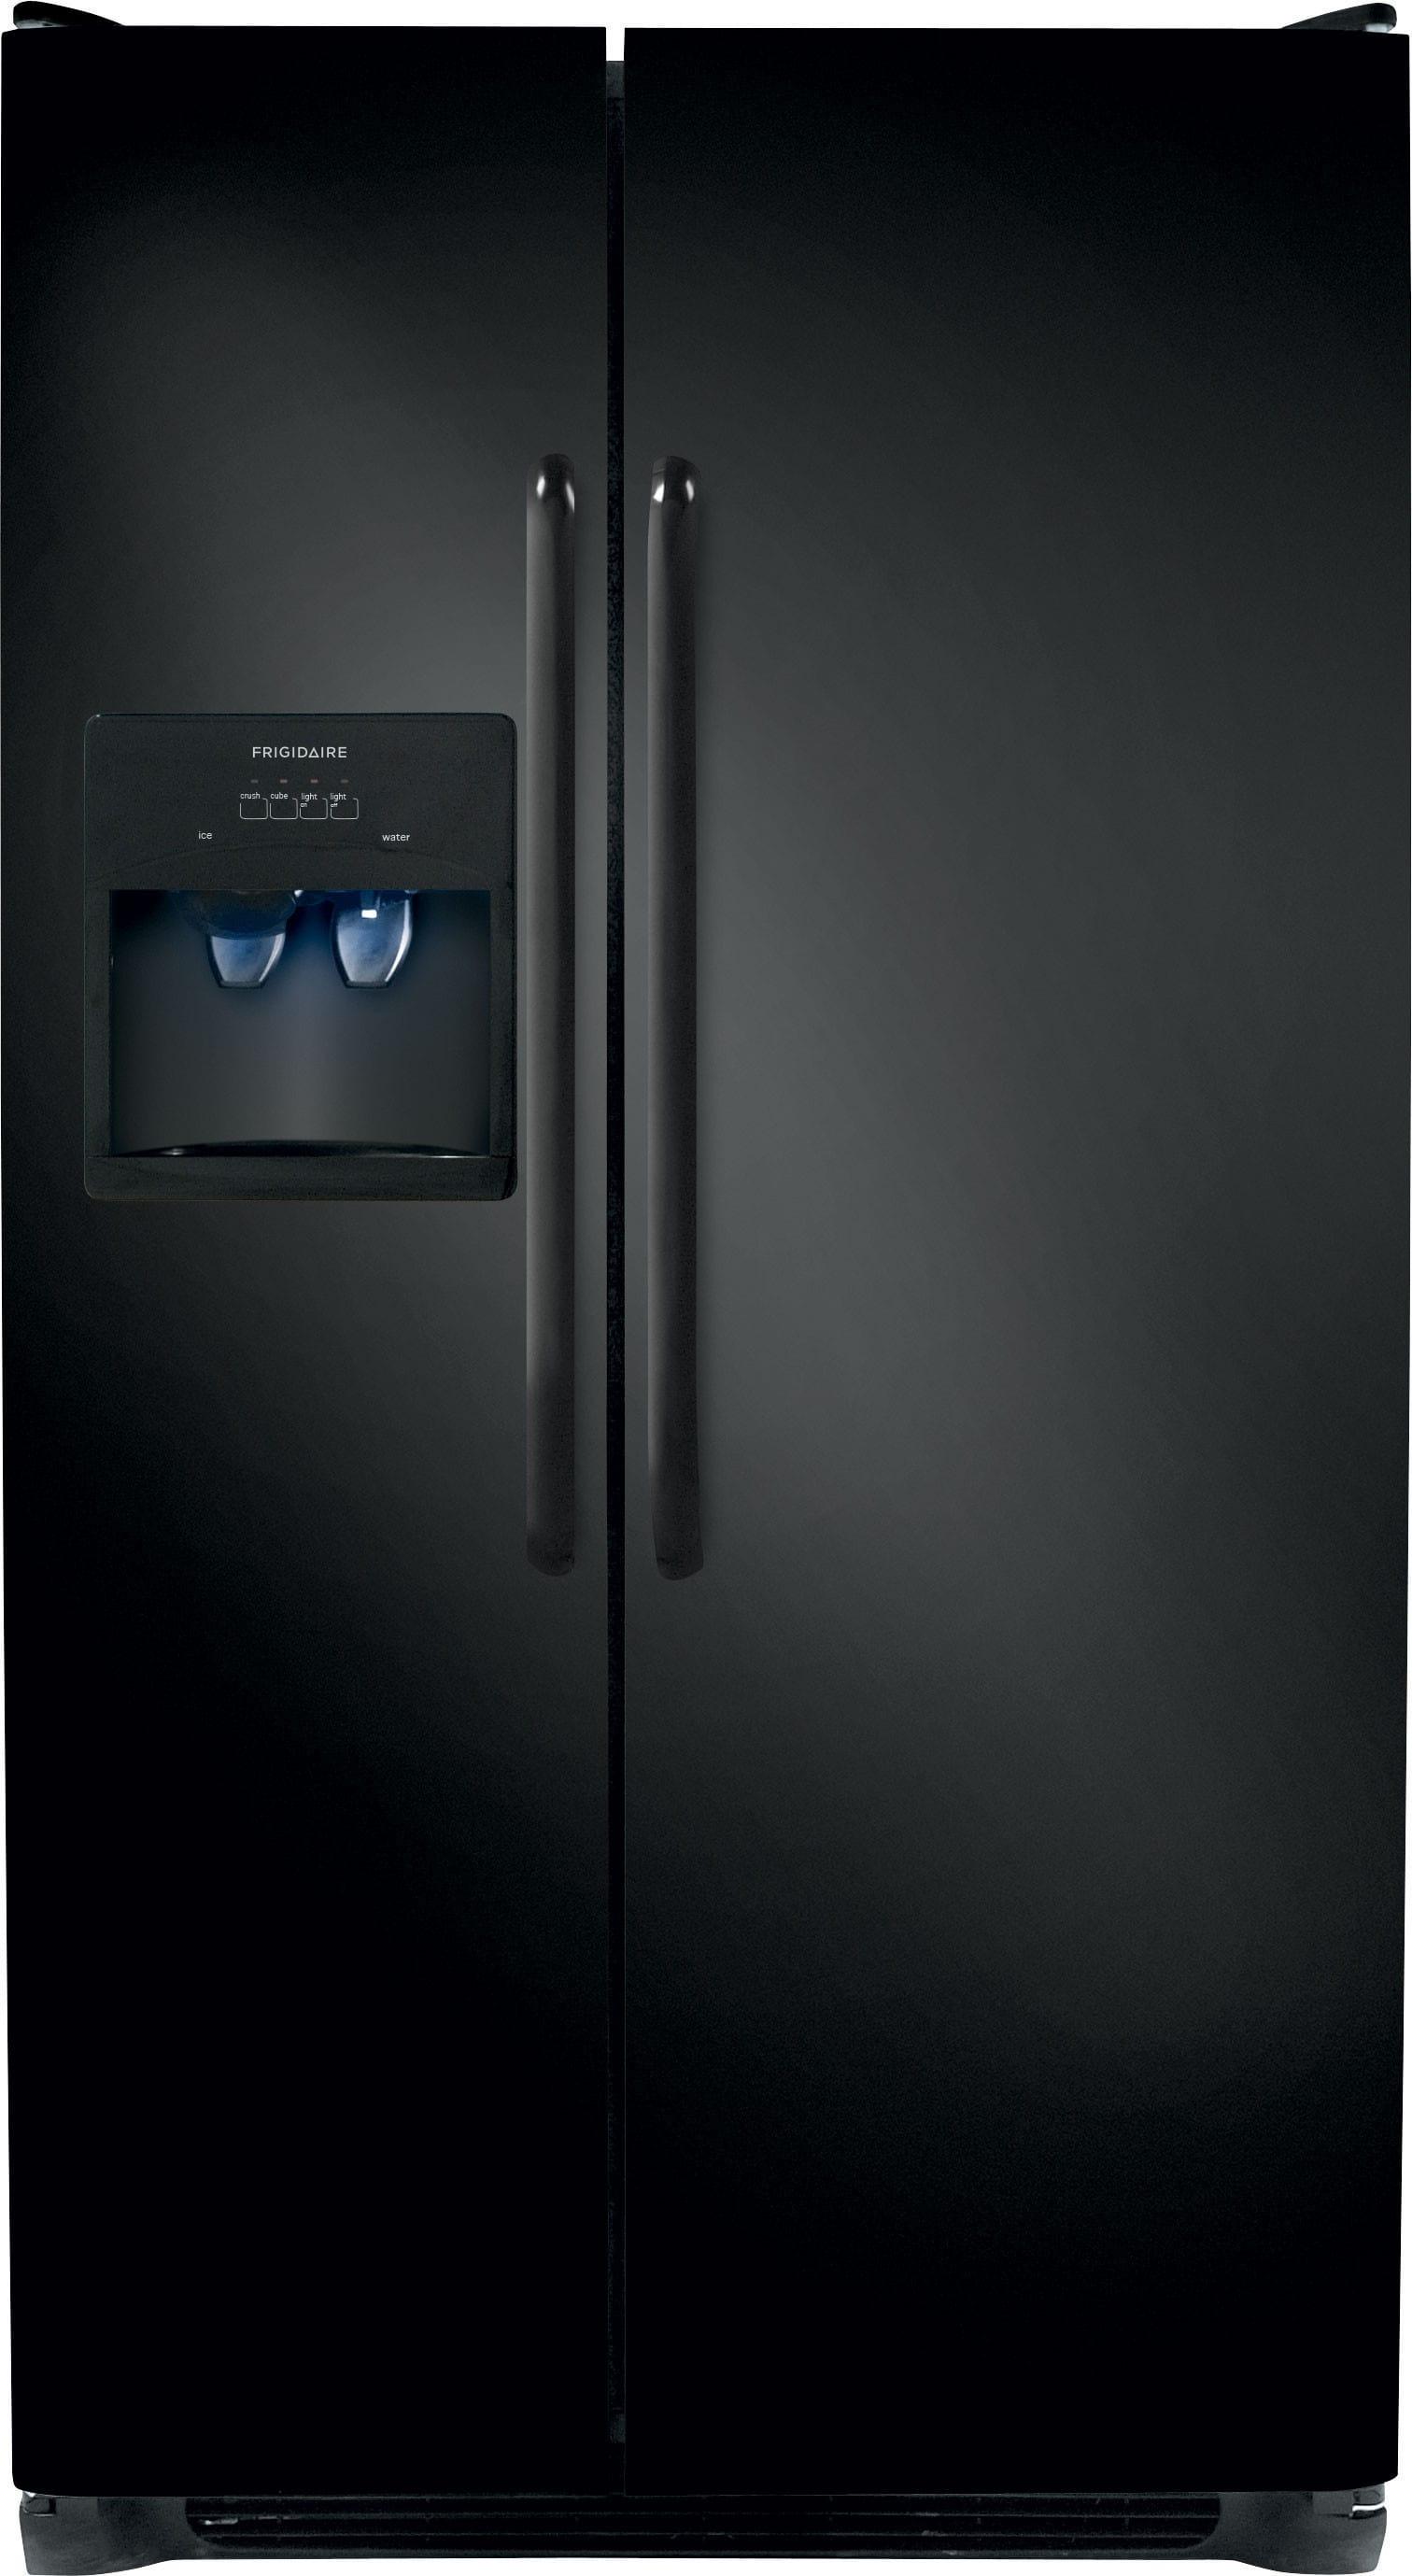 Frigidaire Ffss2614qe 36 Inch Side By Side Refrigerator